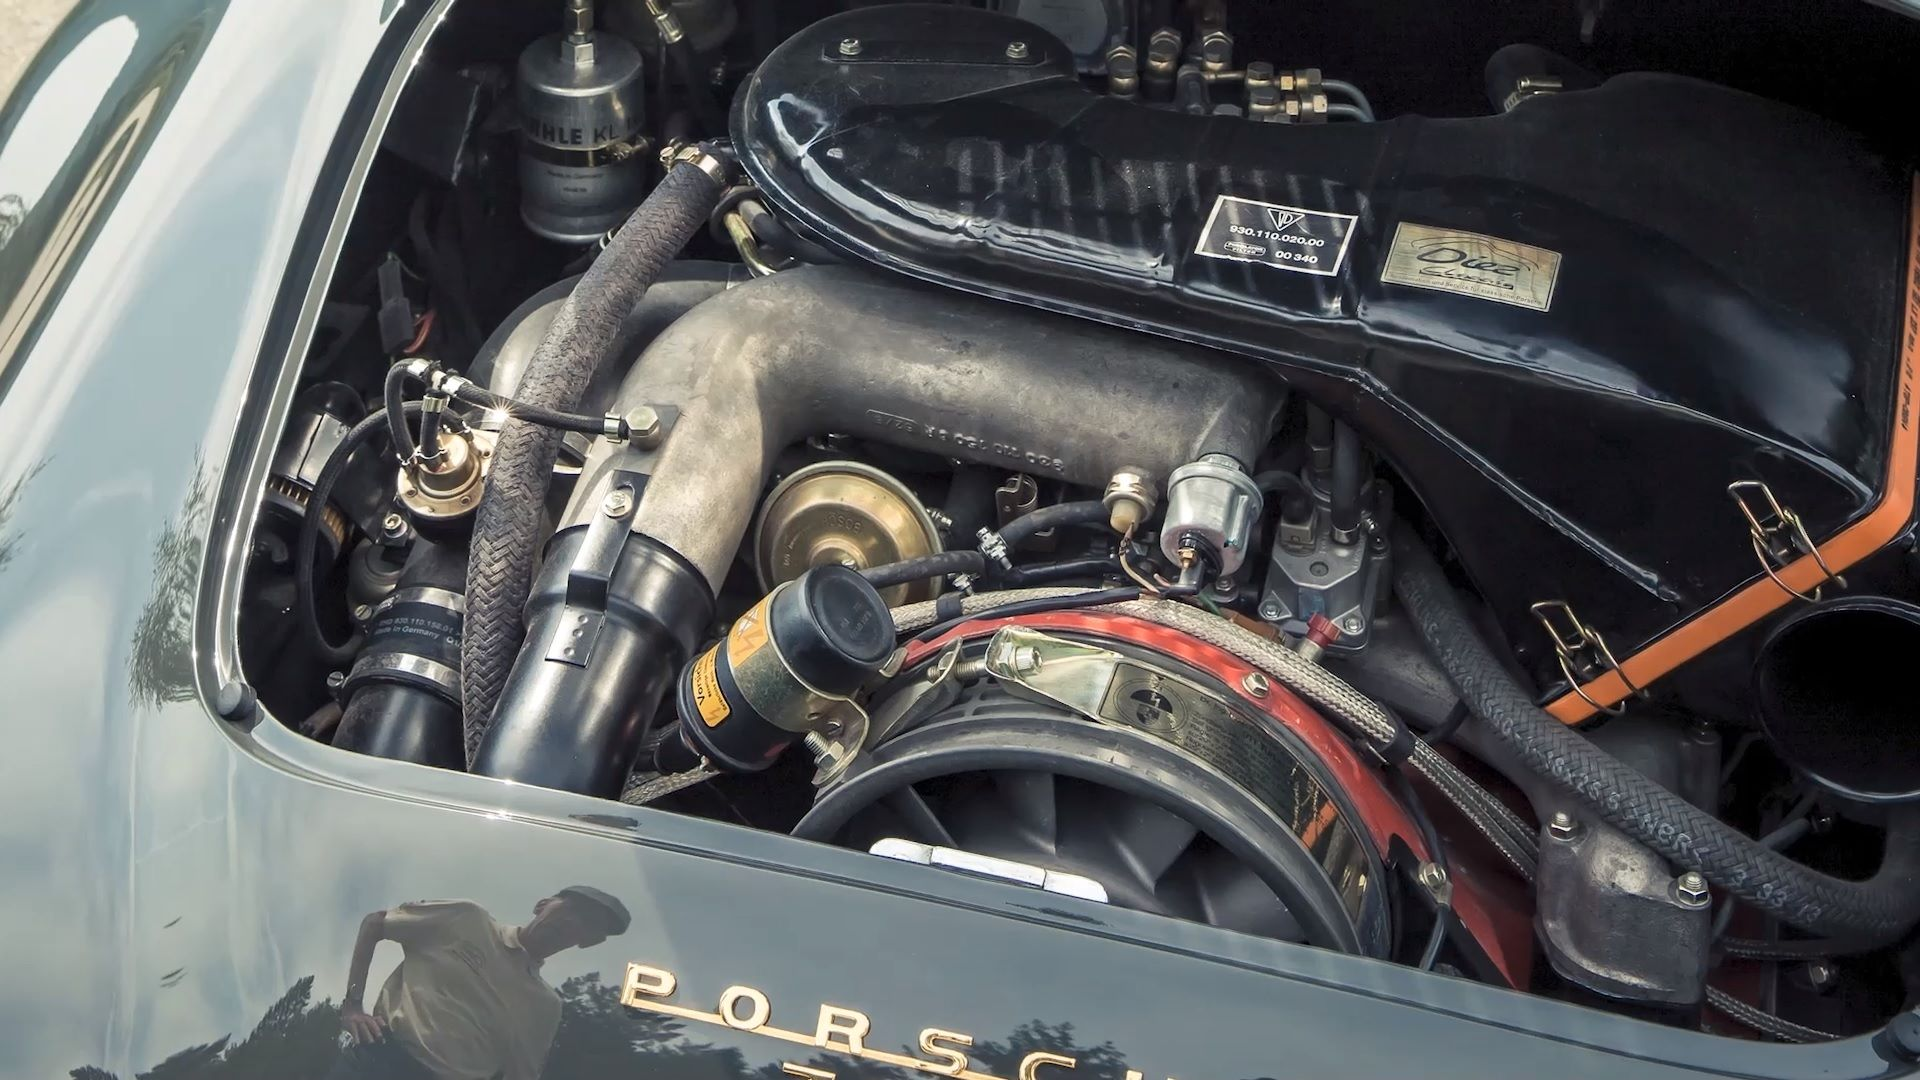 Porsche-356-930-Walter-Rohrl-05